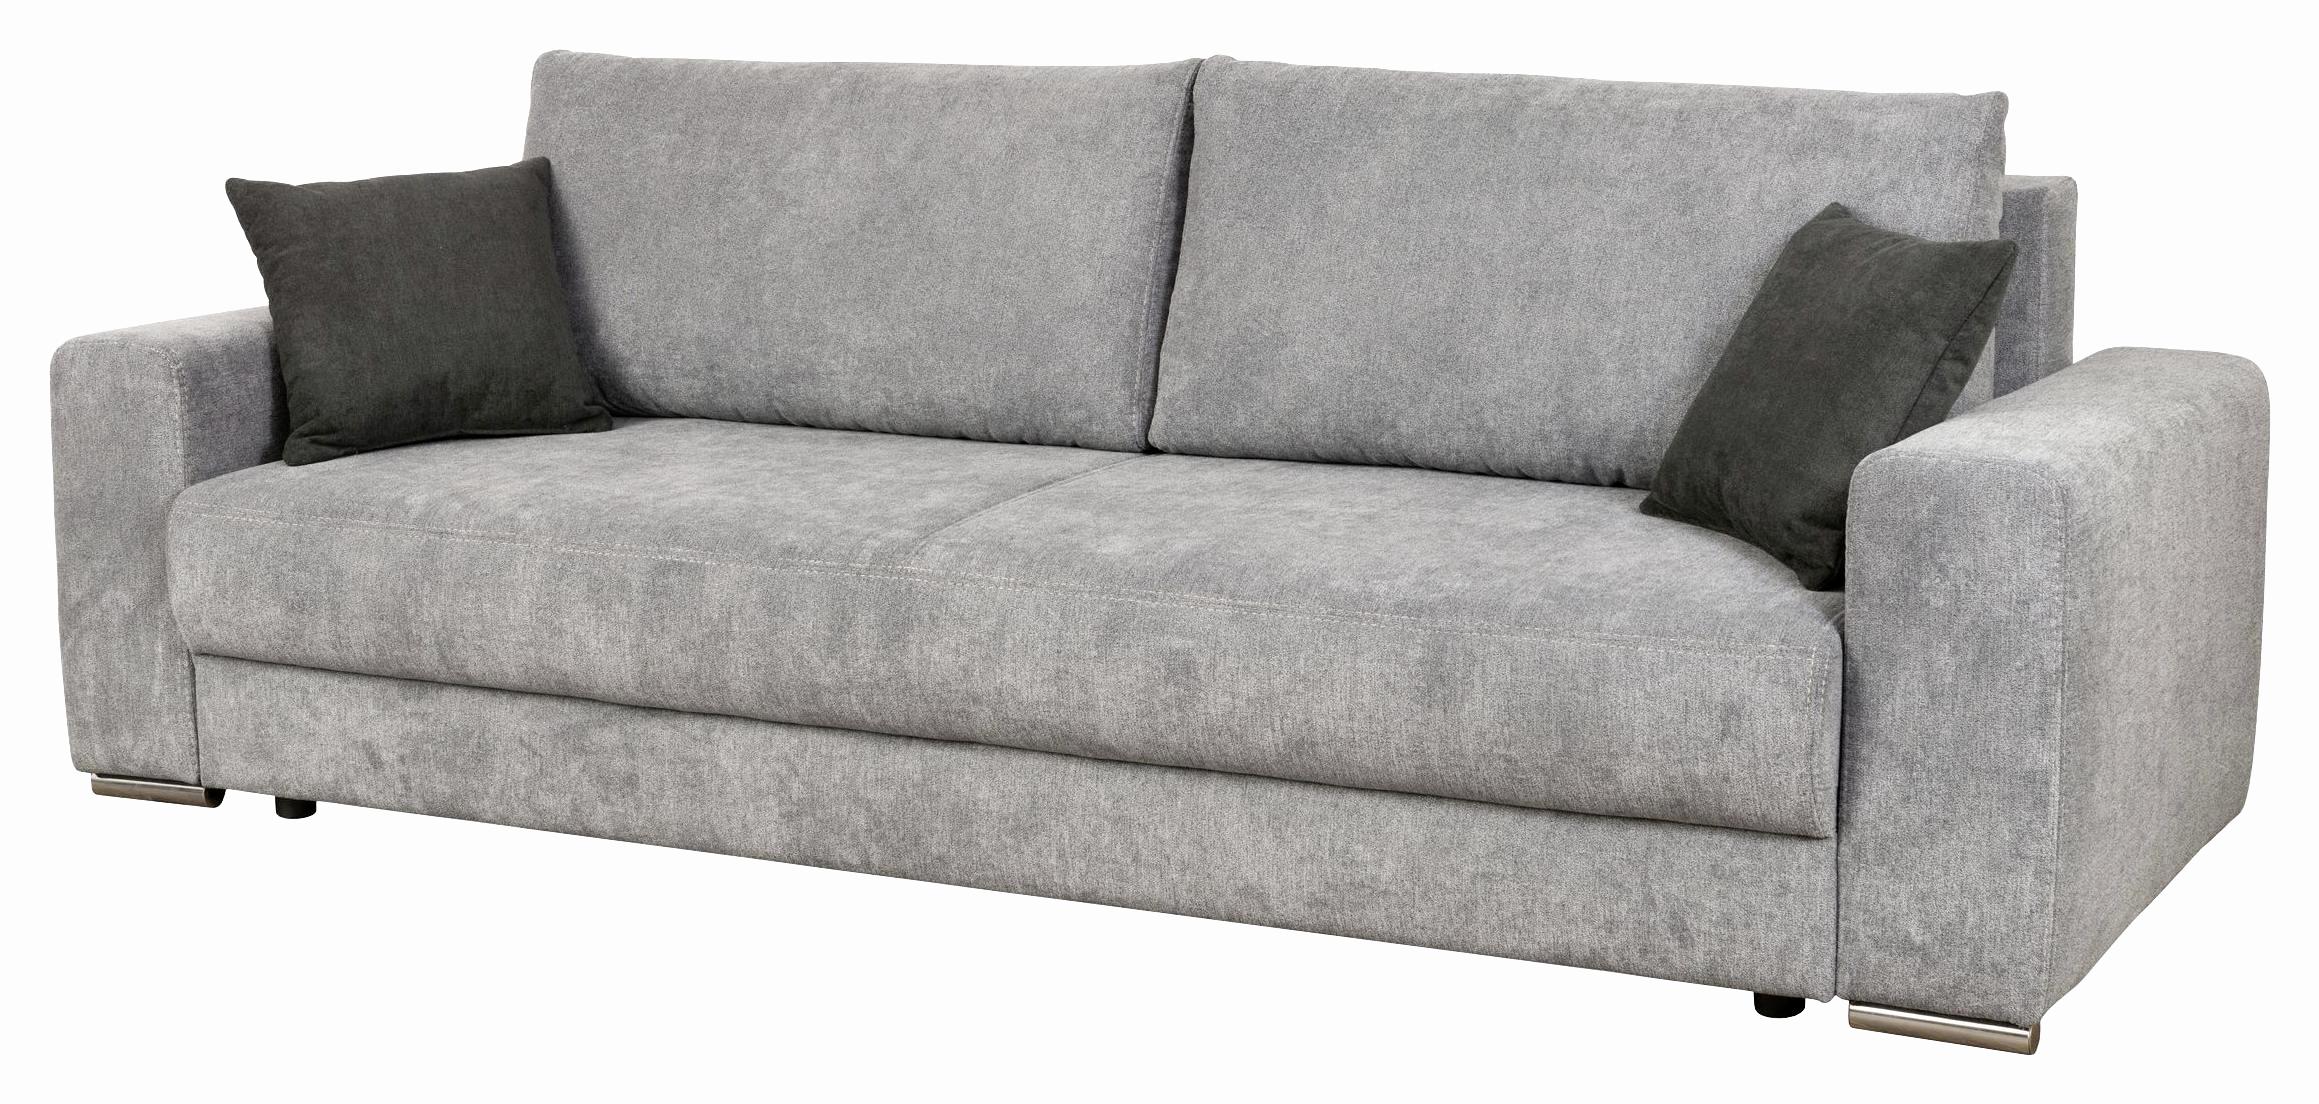 Full Size of Sofa Reinigen Reinigung Alcantara Schn 50 Elegant Couch Stilecht Englisches 3er Grau 2 Sitzer Mit Relaxfunktion L Form Landhausstil Mega Neu Beziehen Lassen Sofa Sofa Reinigen